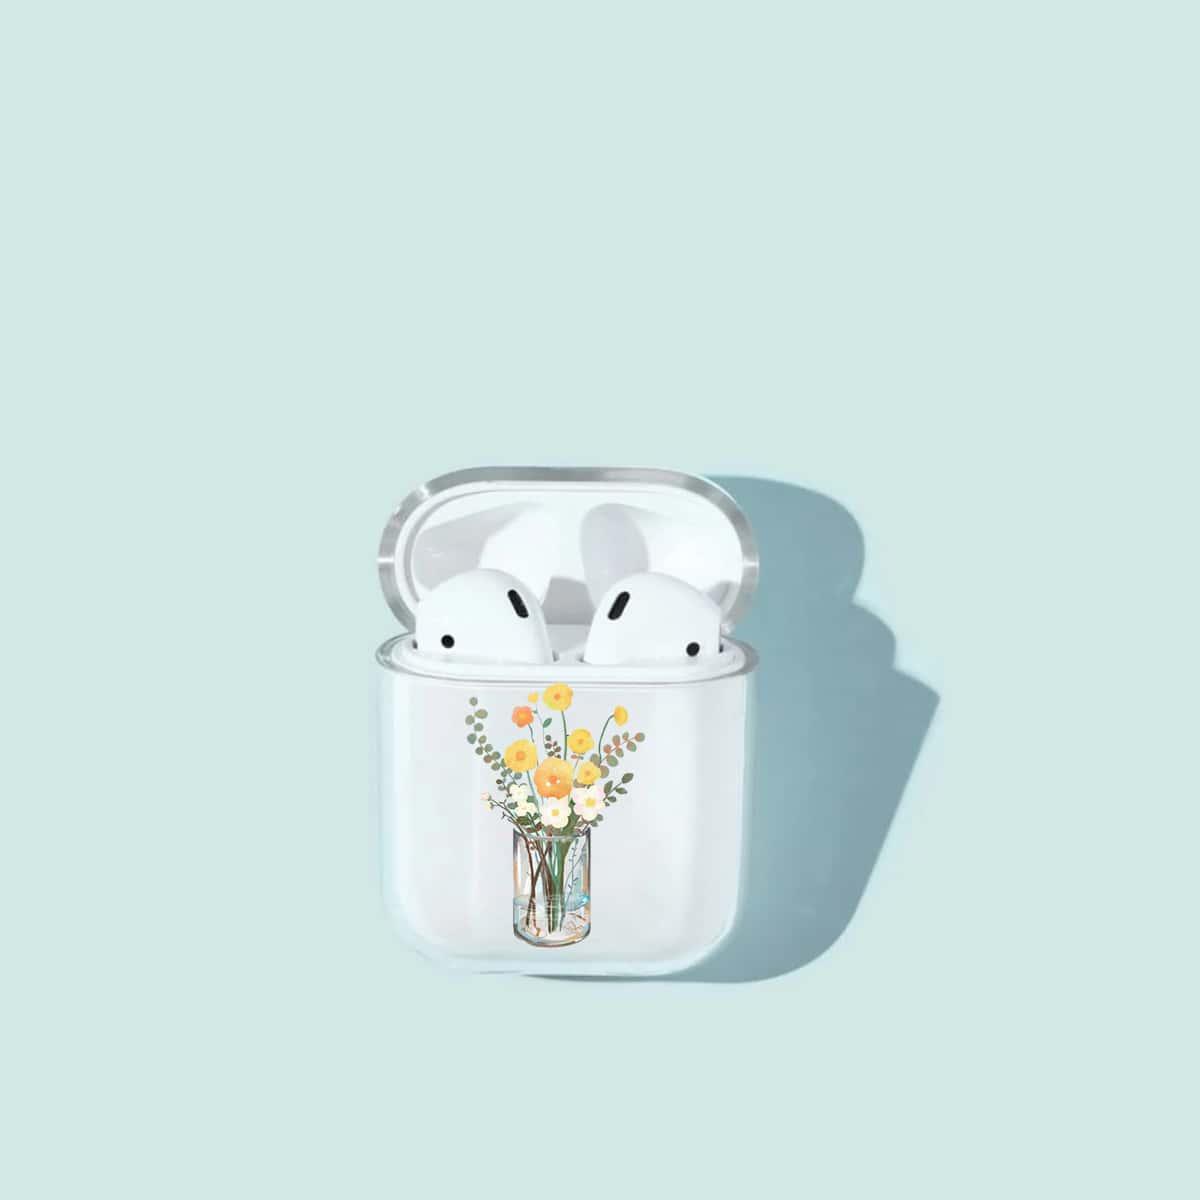 SHEIN / 1 Stück Transparente Airpods Hülle mit Blumen Muster